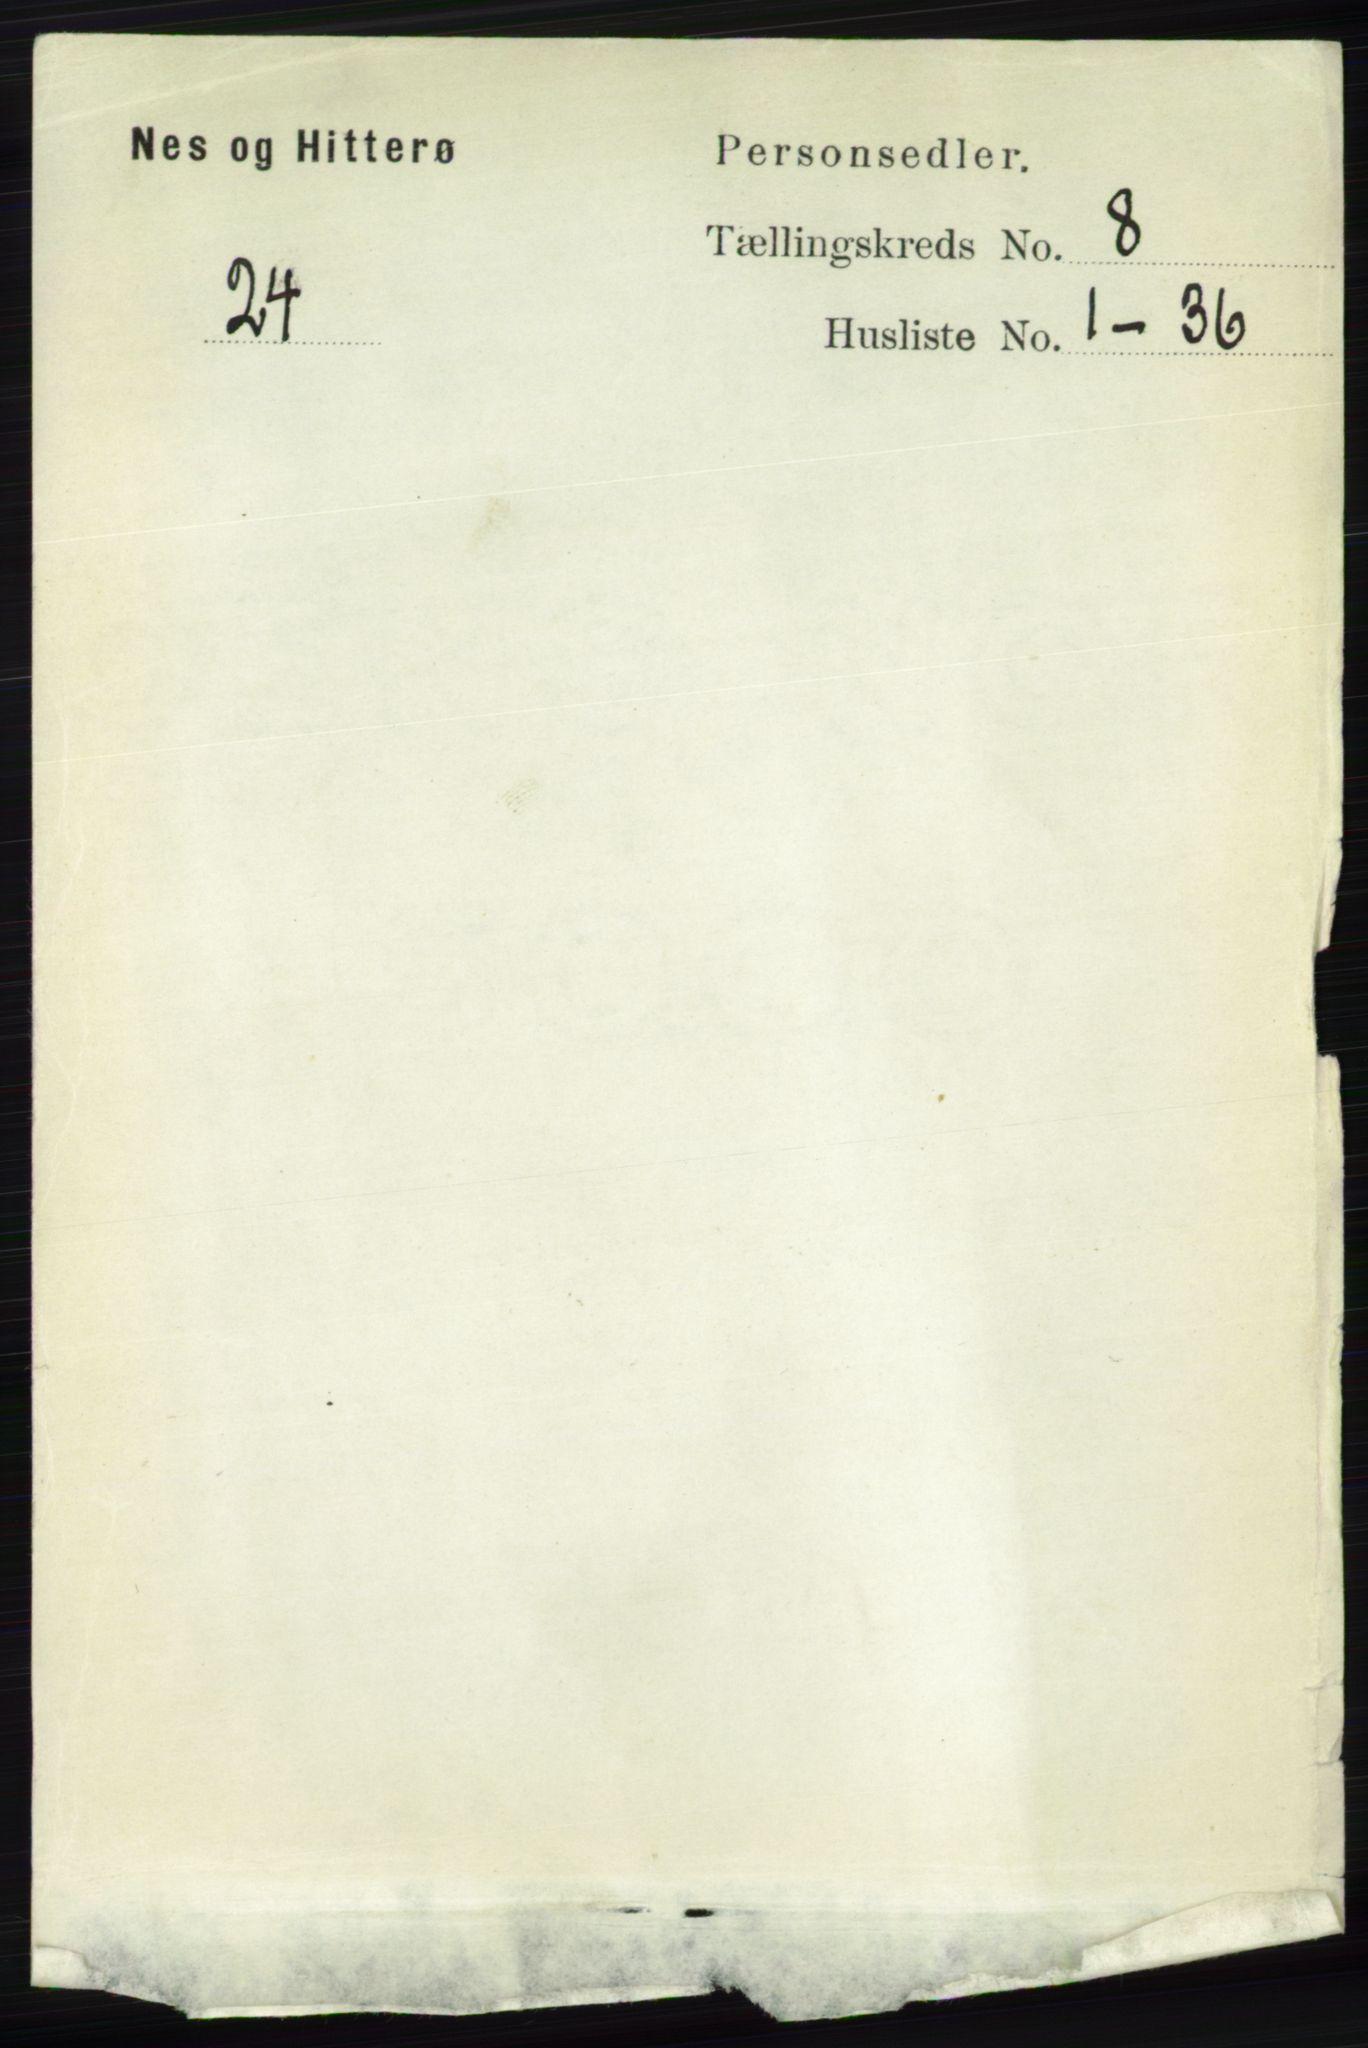 RA, Folketelling 1891 for 1043 Hidra og Nes herred, 1891, s. 3309